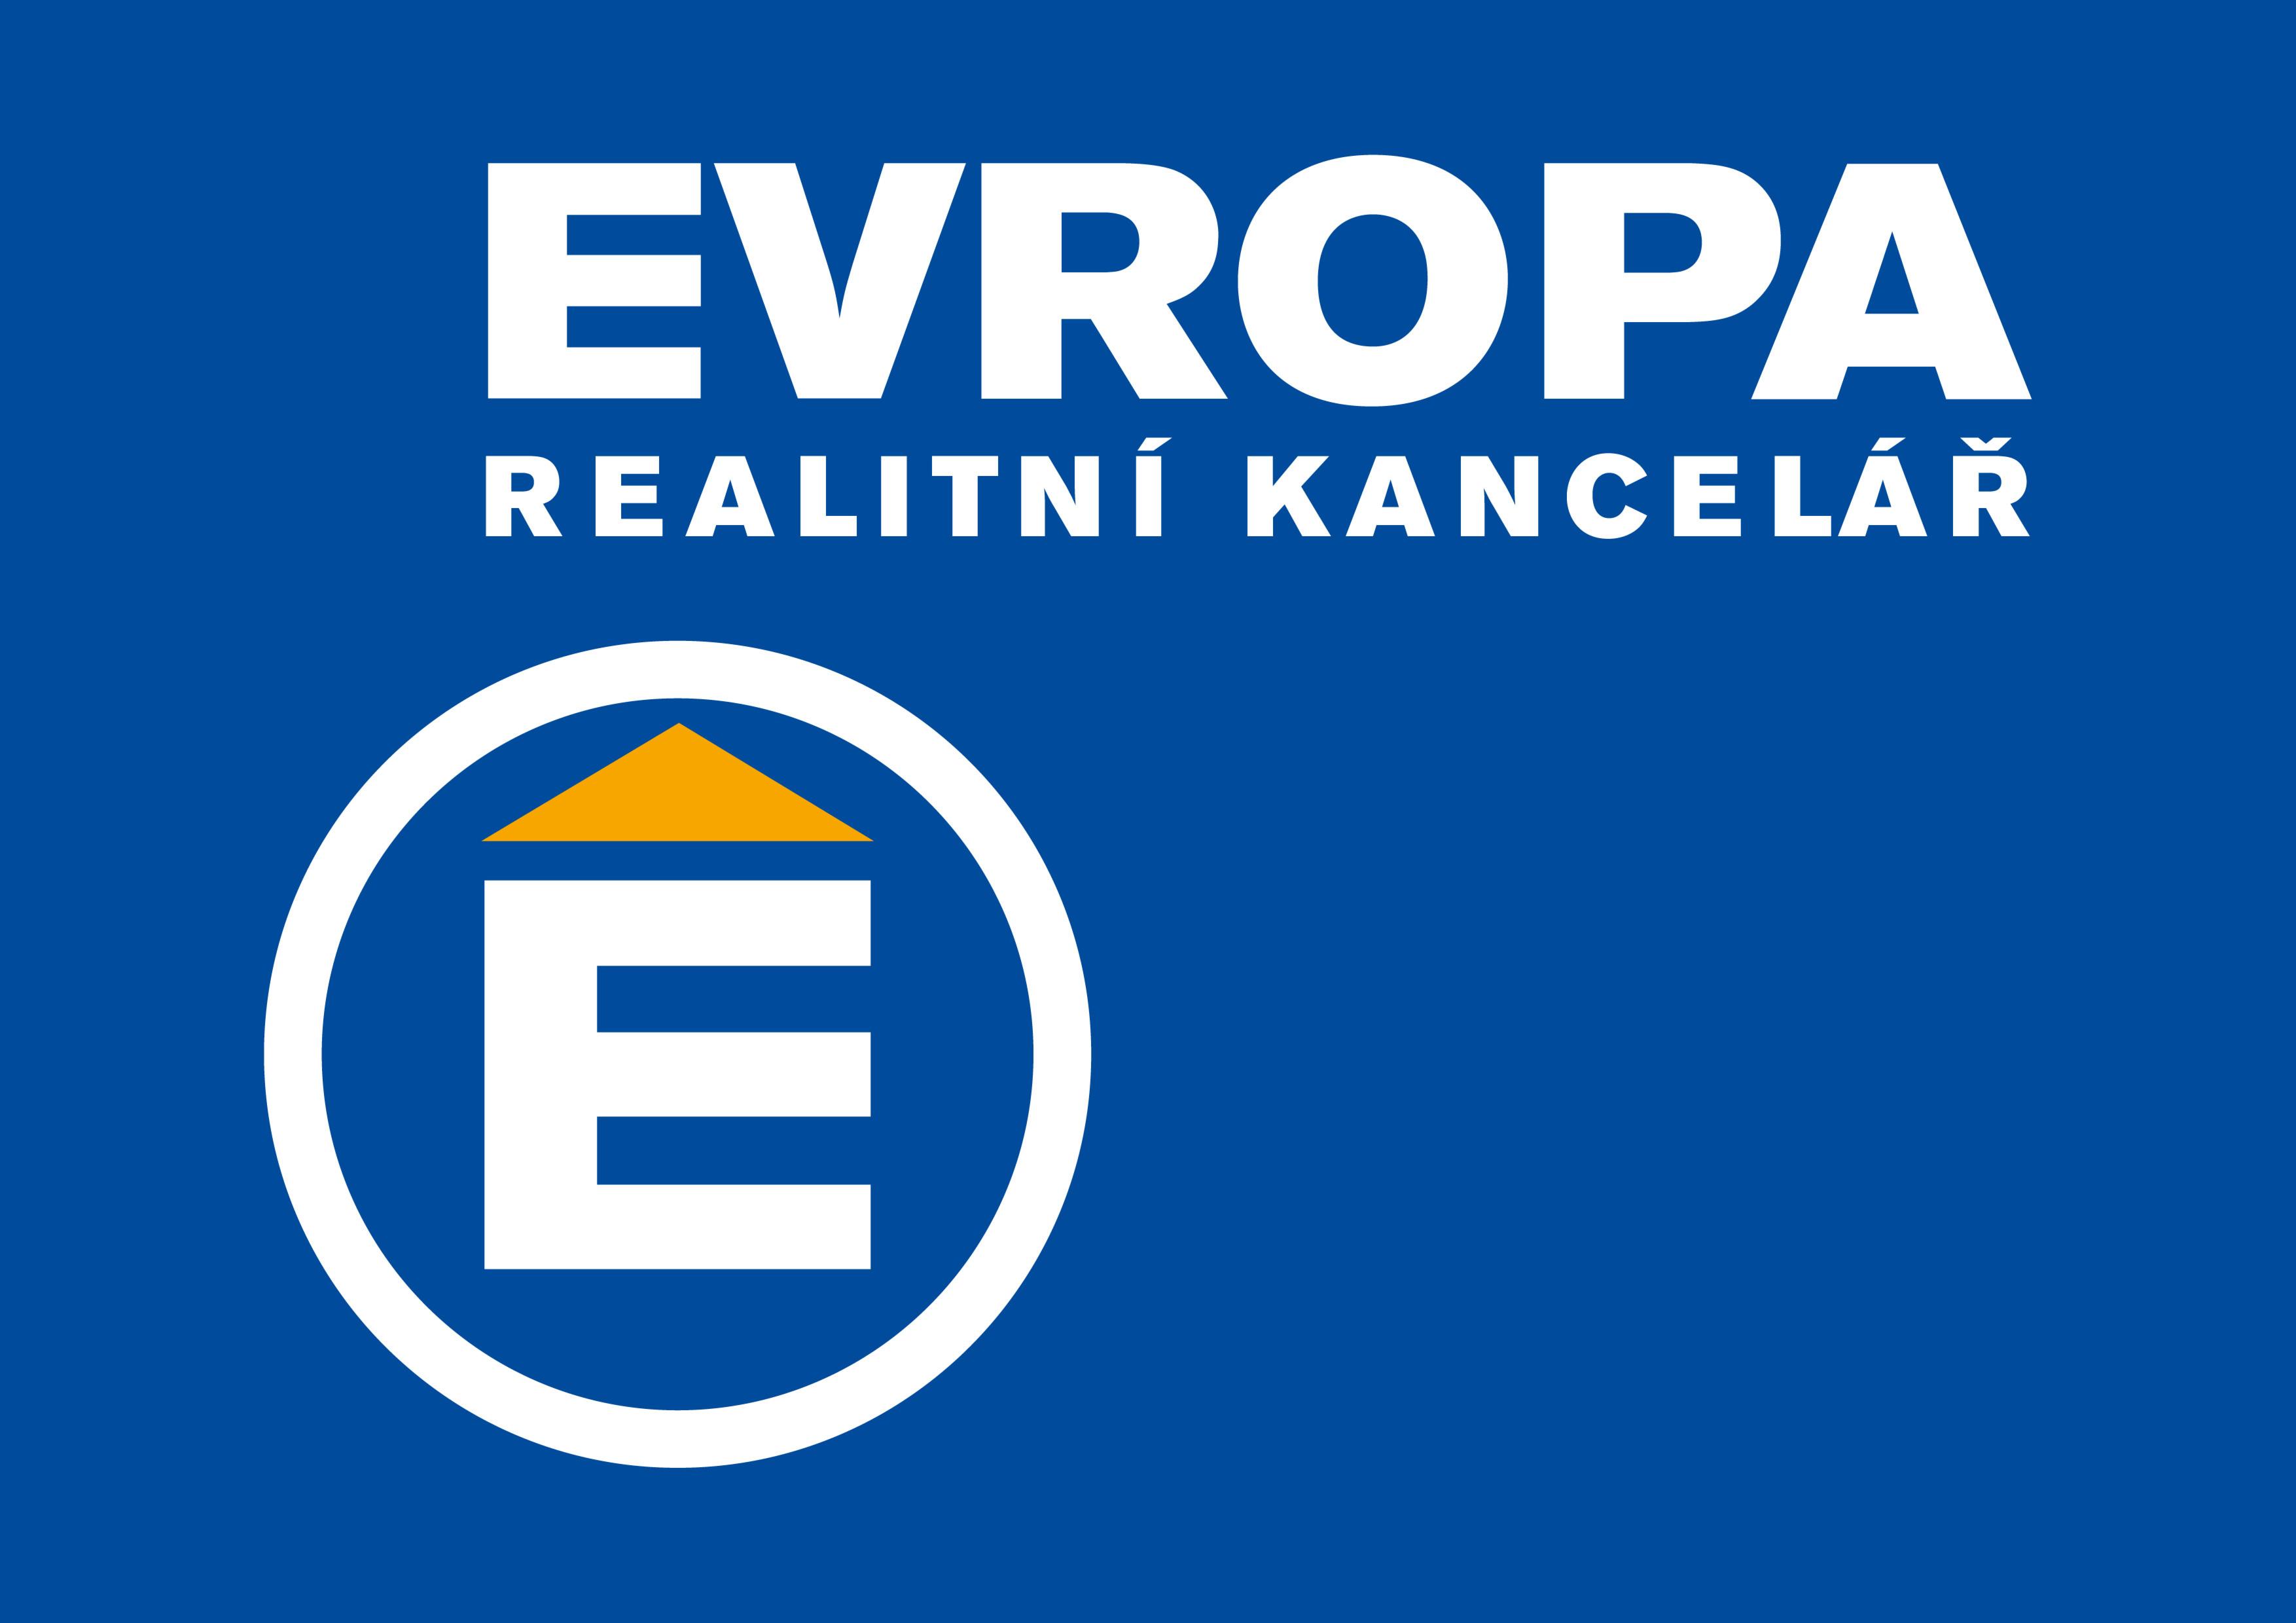 EVROPA realitní kancelář ČESKÉ BUDĚJOVICE